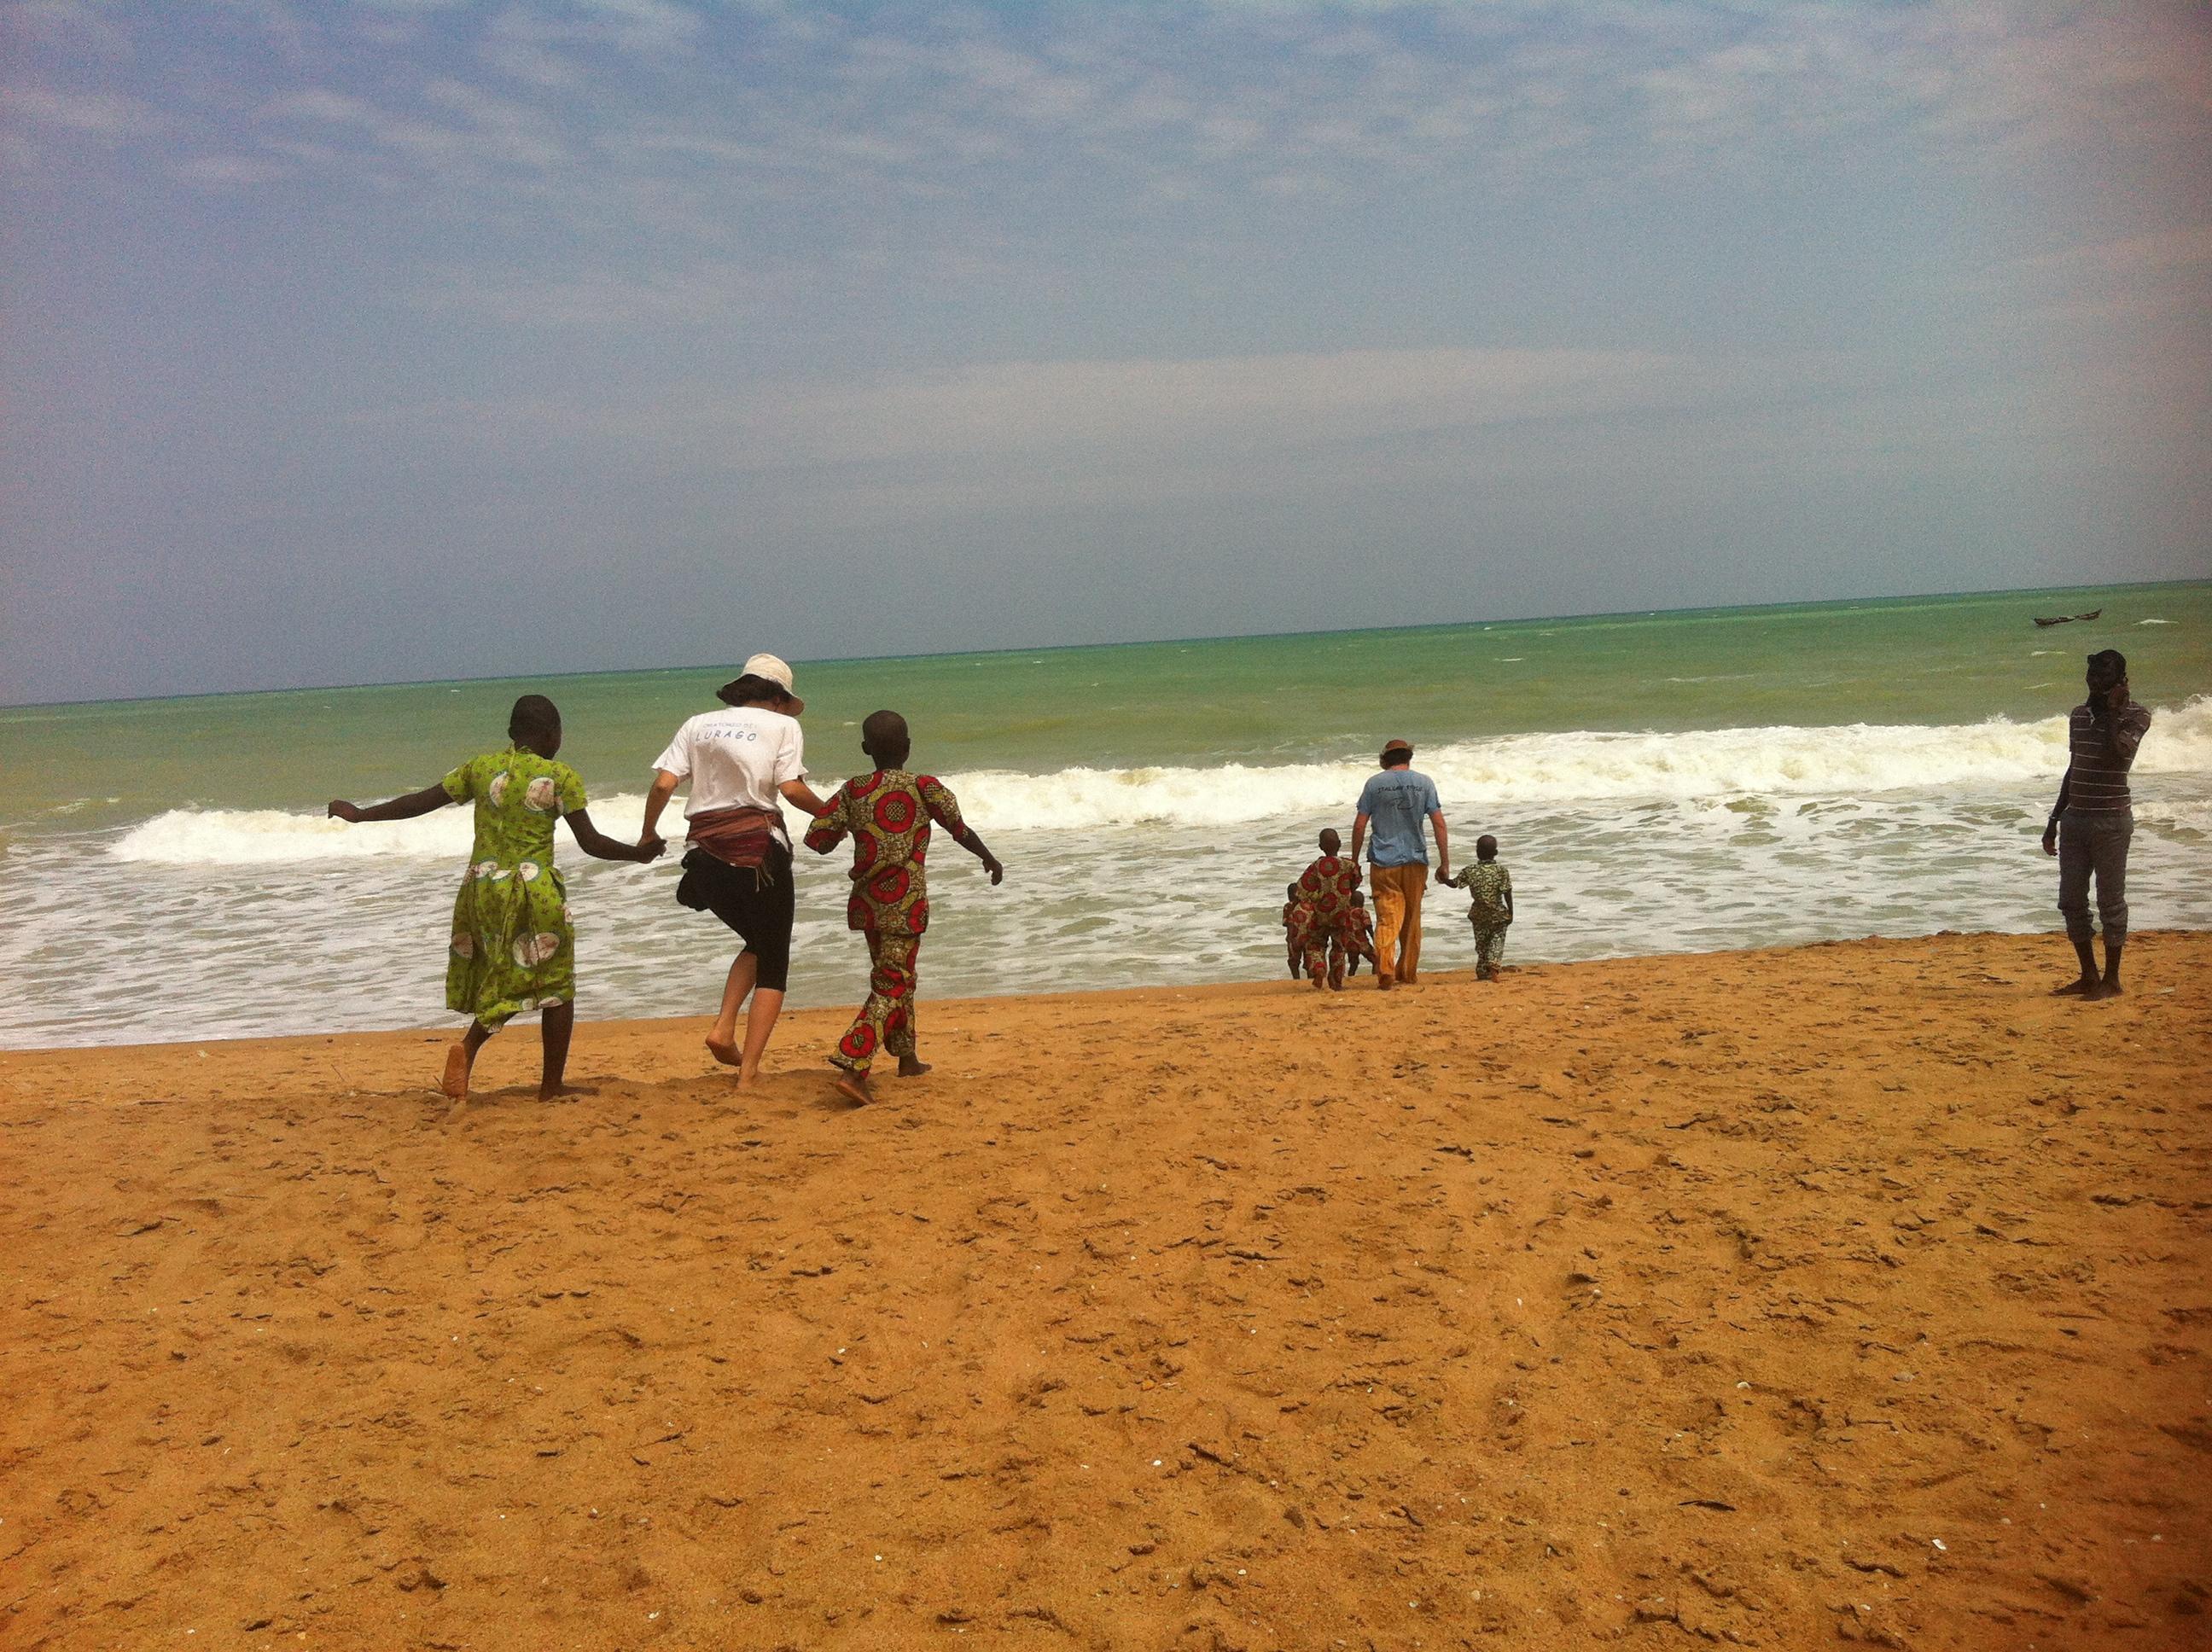 Benin - Primo incontro con l'Oceano